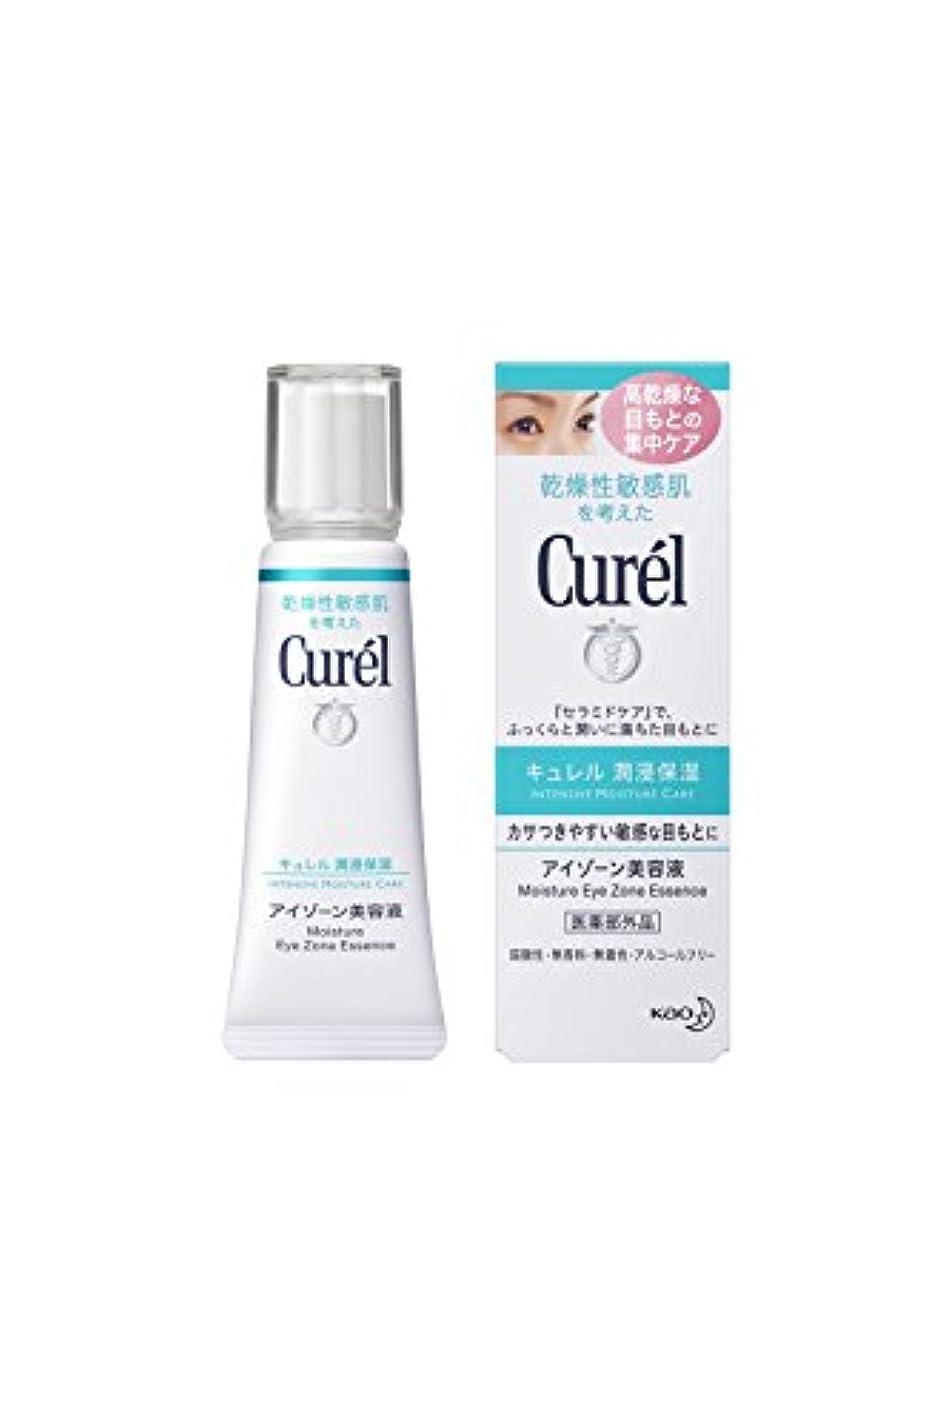 ポイント生理悪質なキュレル アイゾーン美容液 20g